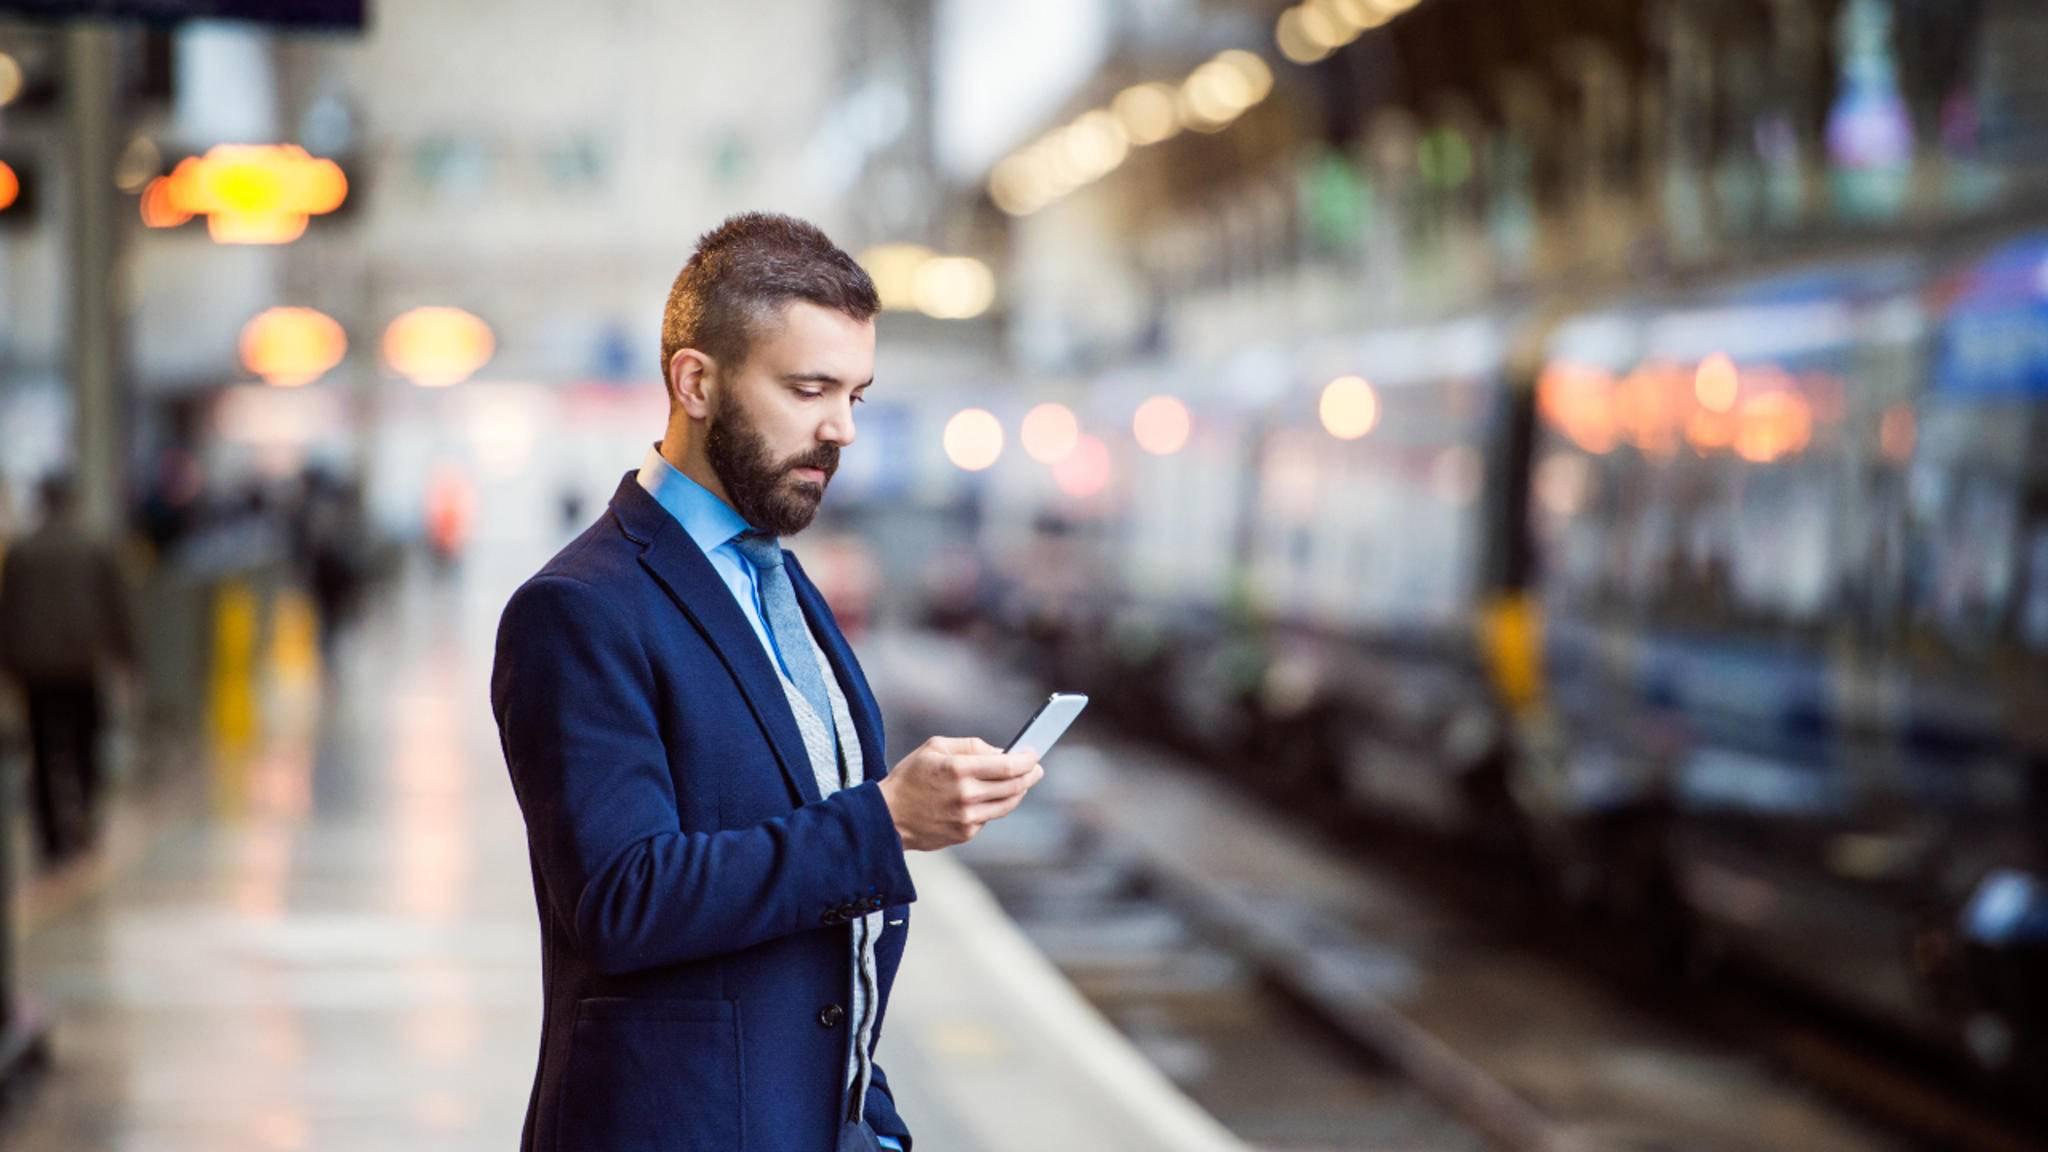 Du willst Dein eigenes Handy orten? Das ist kostenlos möglich.